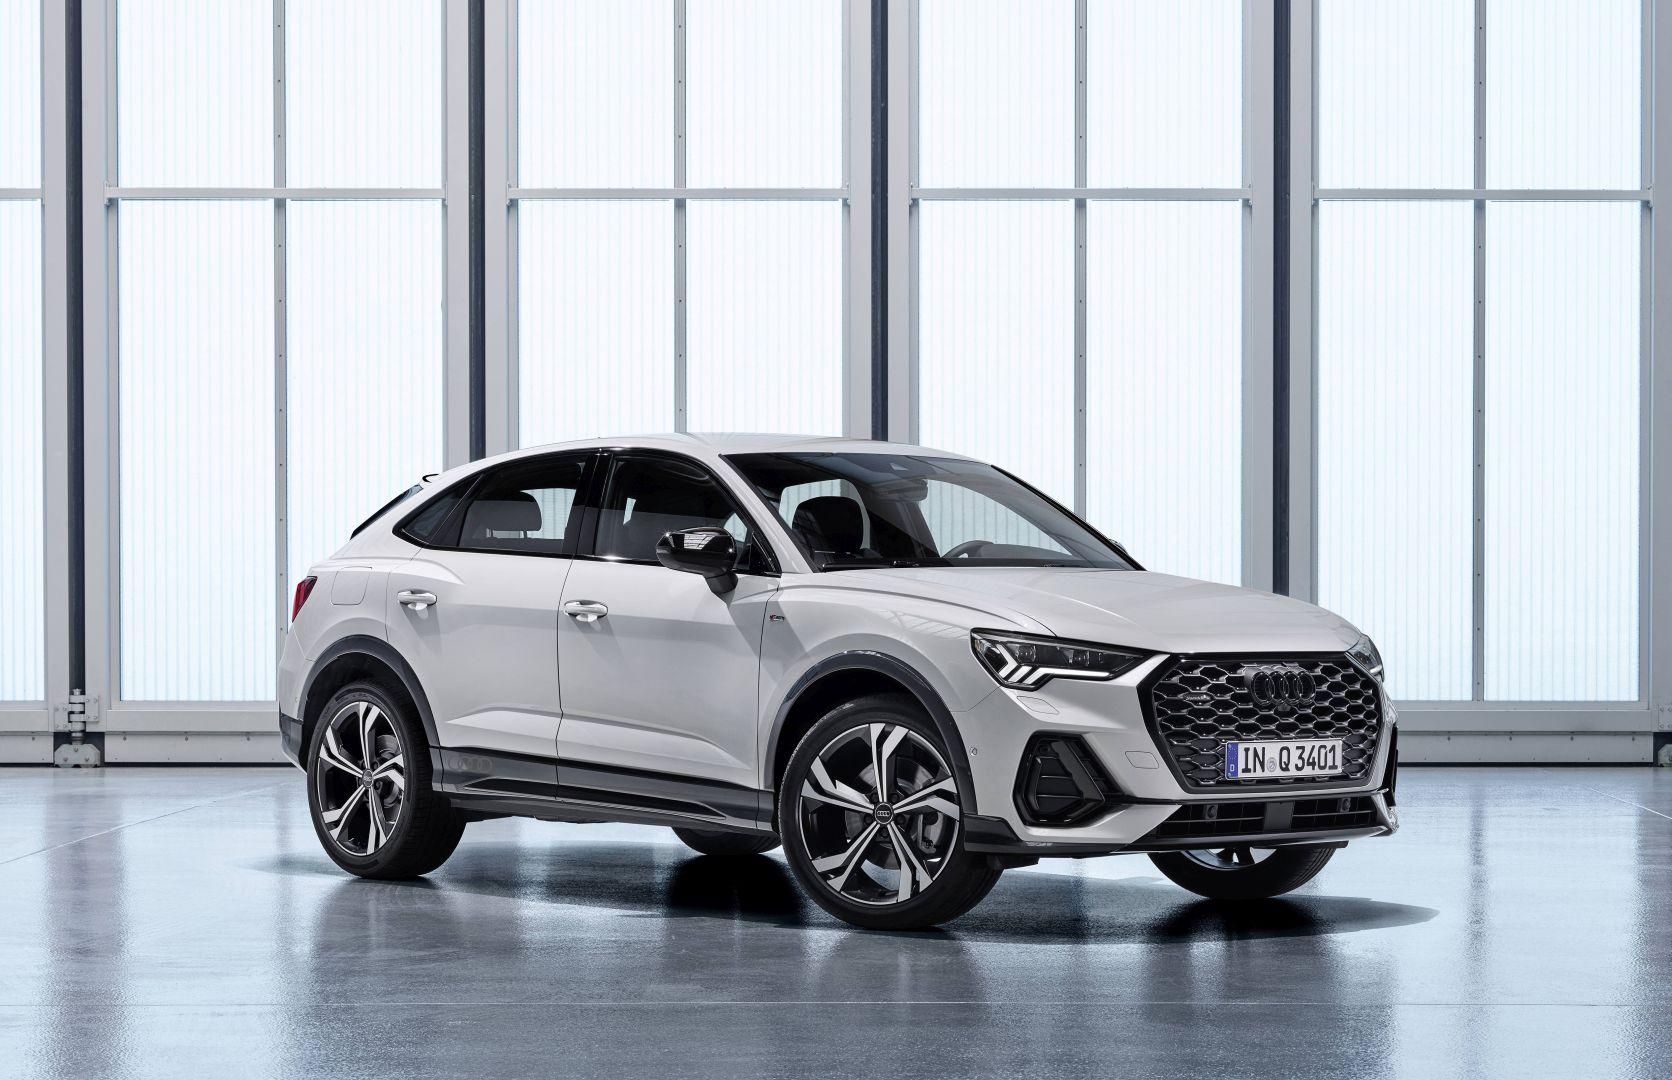 Kelebihan Audi Q 3 Murah Berkualitas